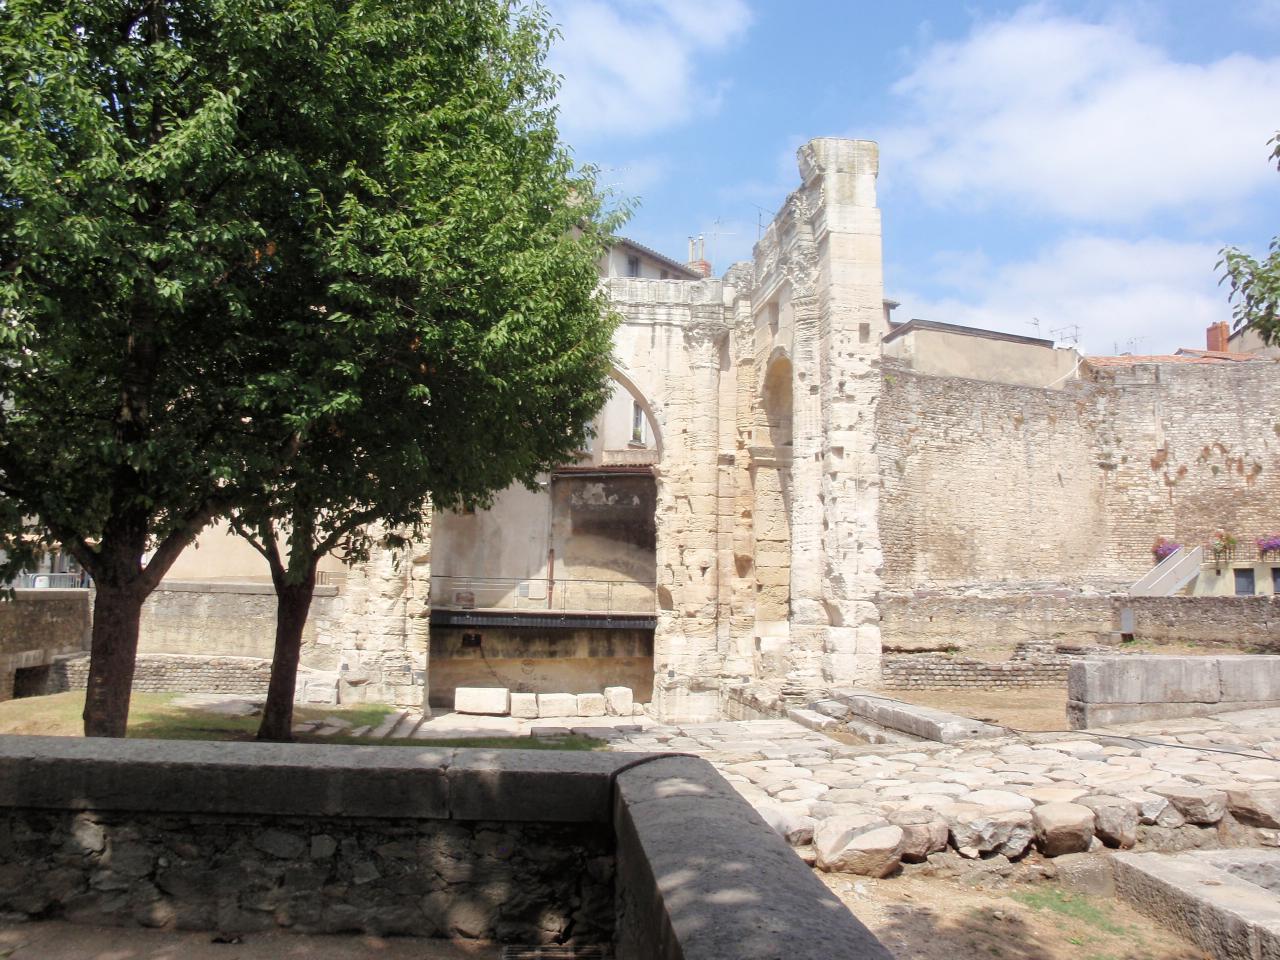 Vue du temple d'Auguste et Livie